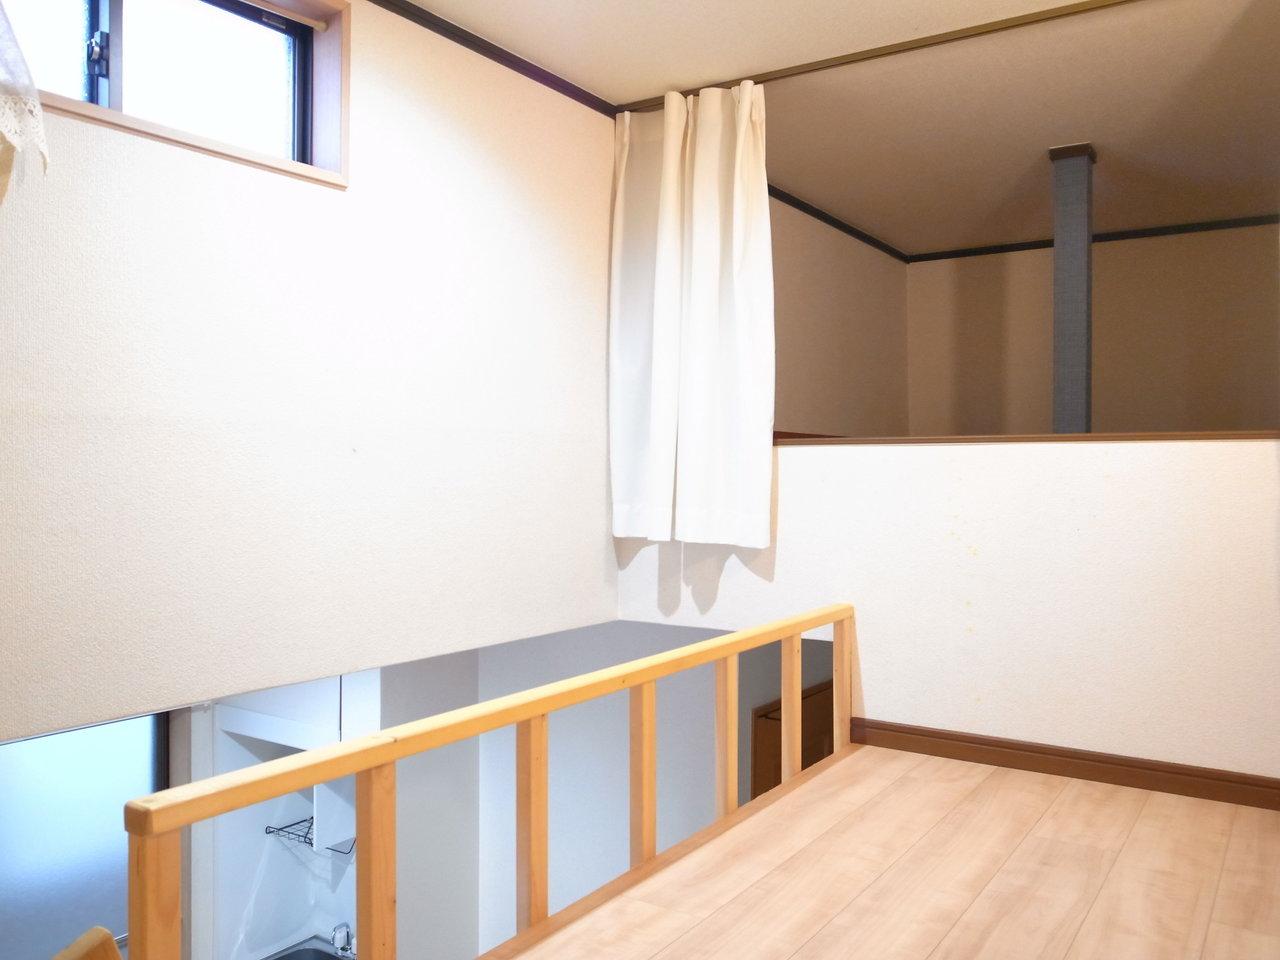 ロフトは150cm程の高さがあります。天井部に小さな窓があるので、光は入ってきますね。